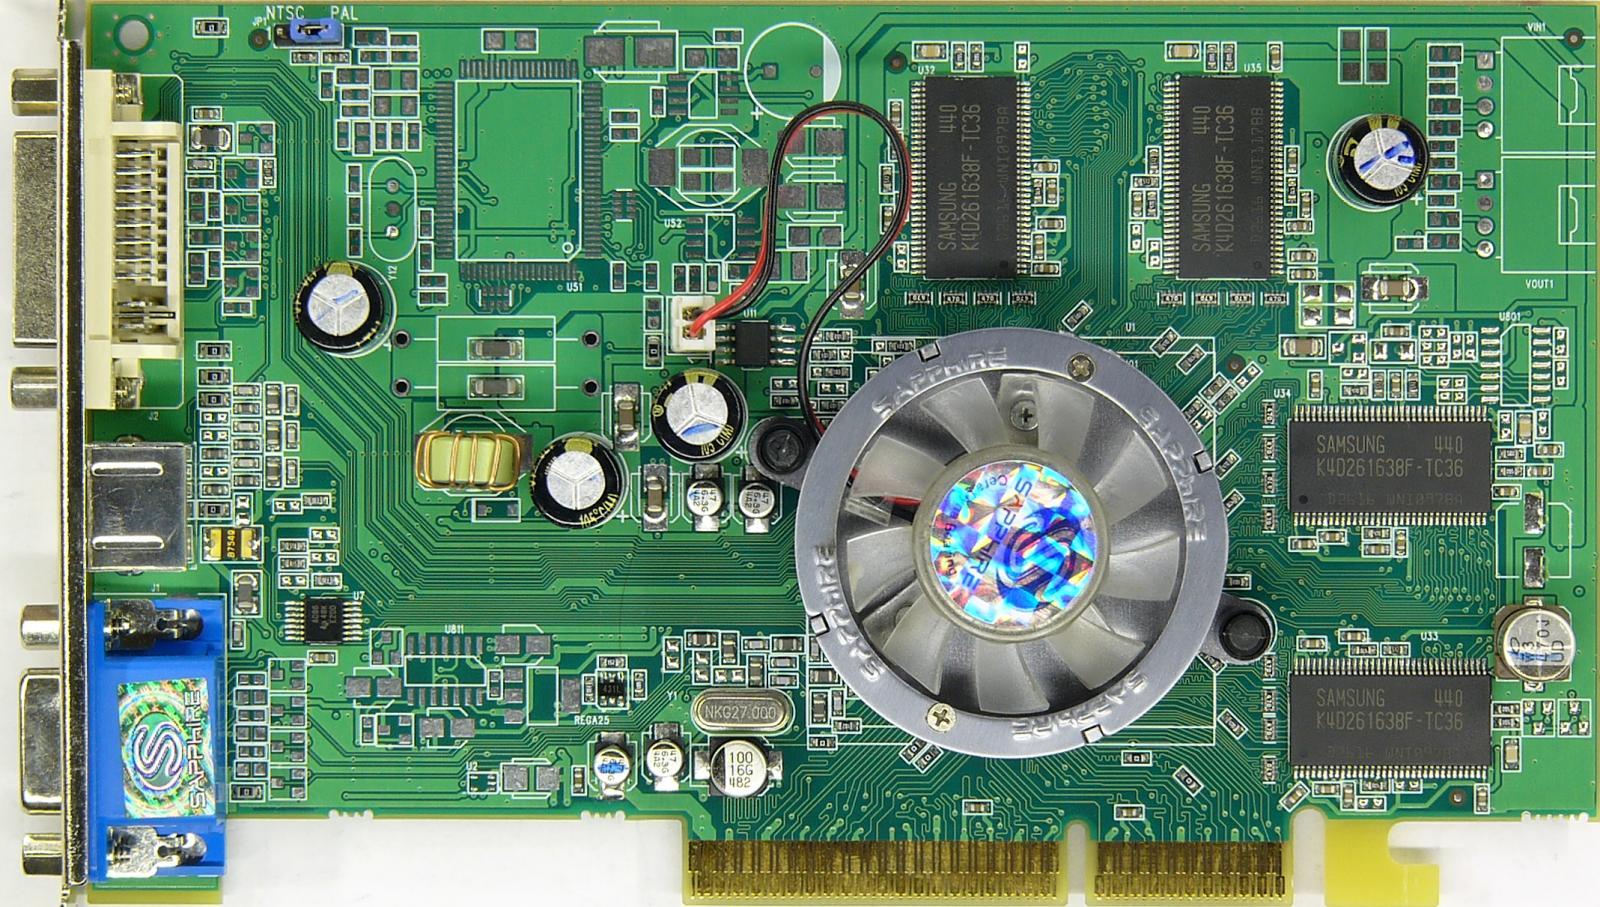 Скачать драйвер на видеокарту ати радеон 9600